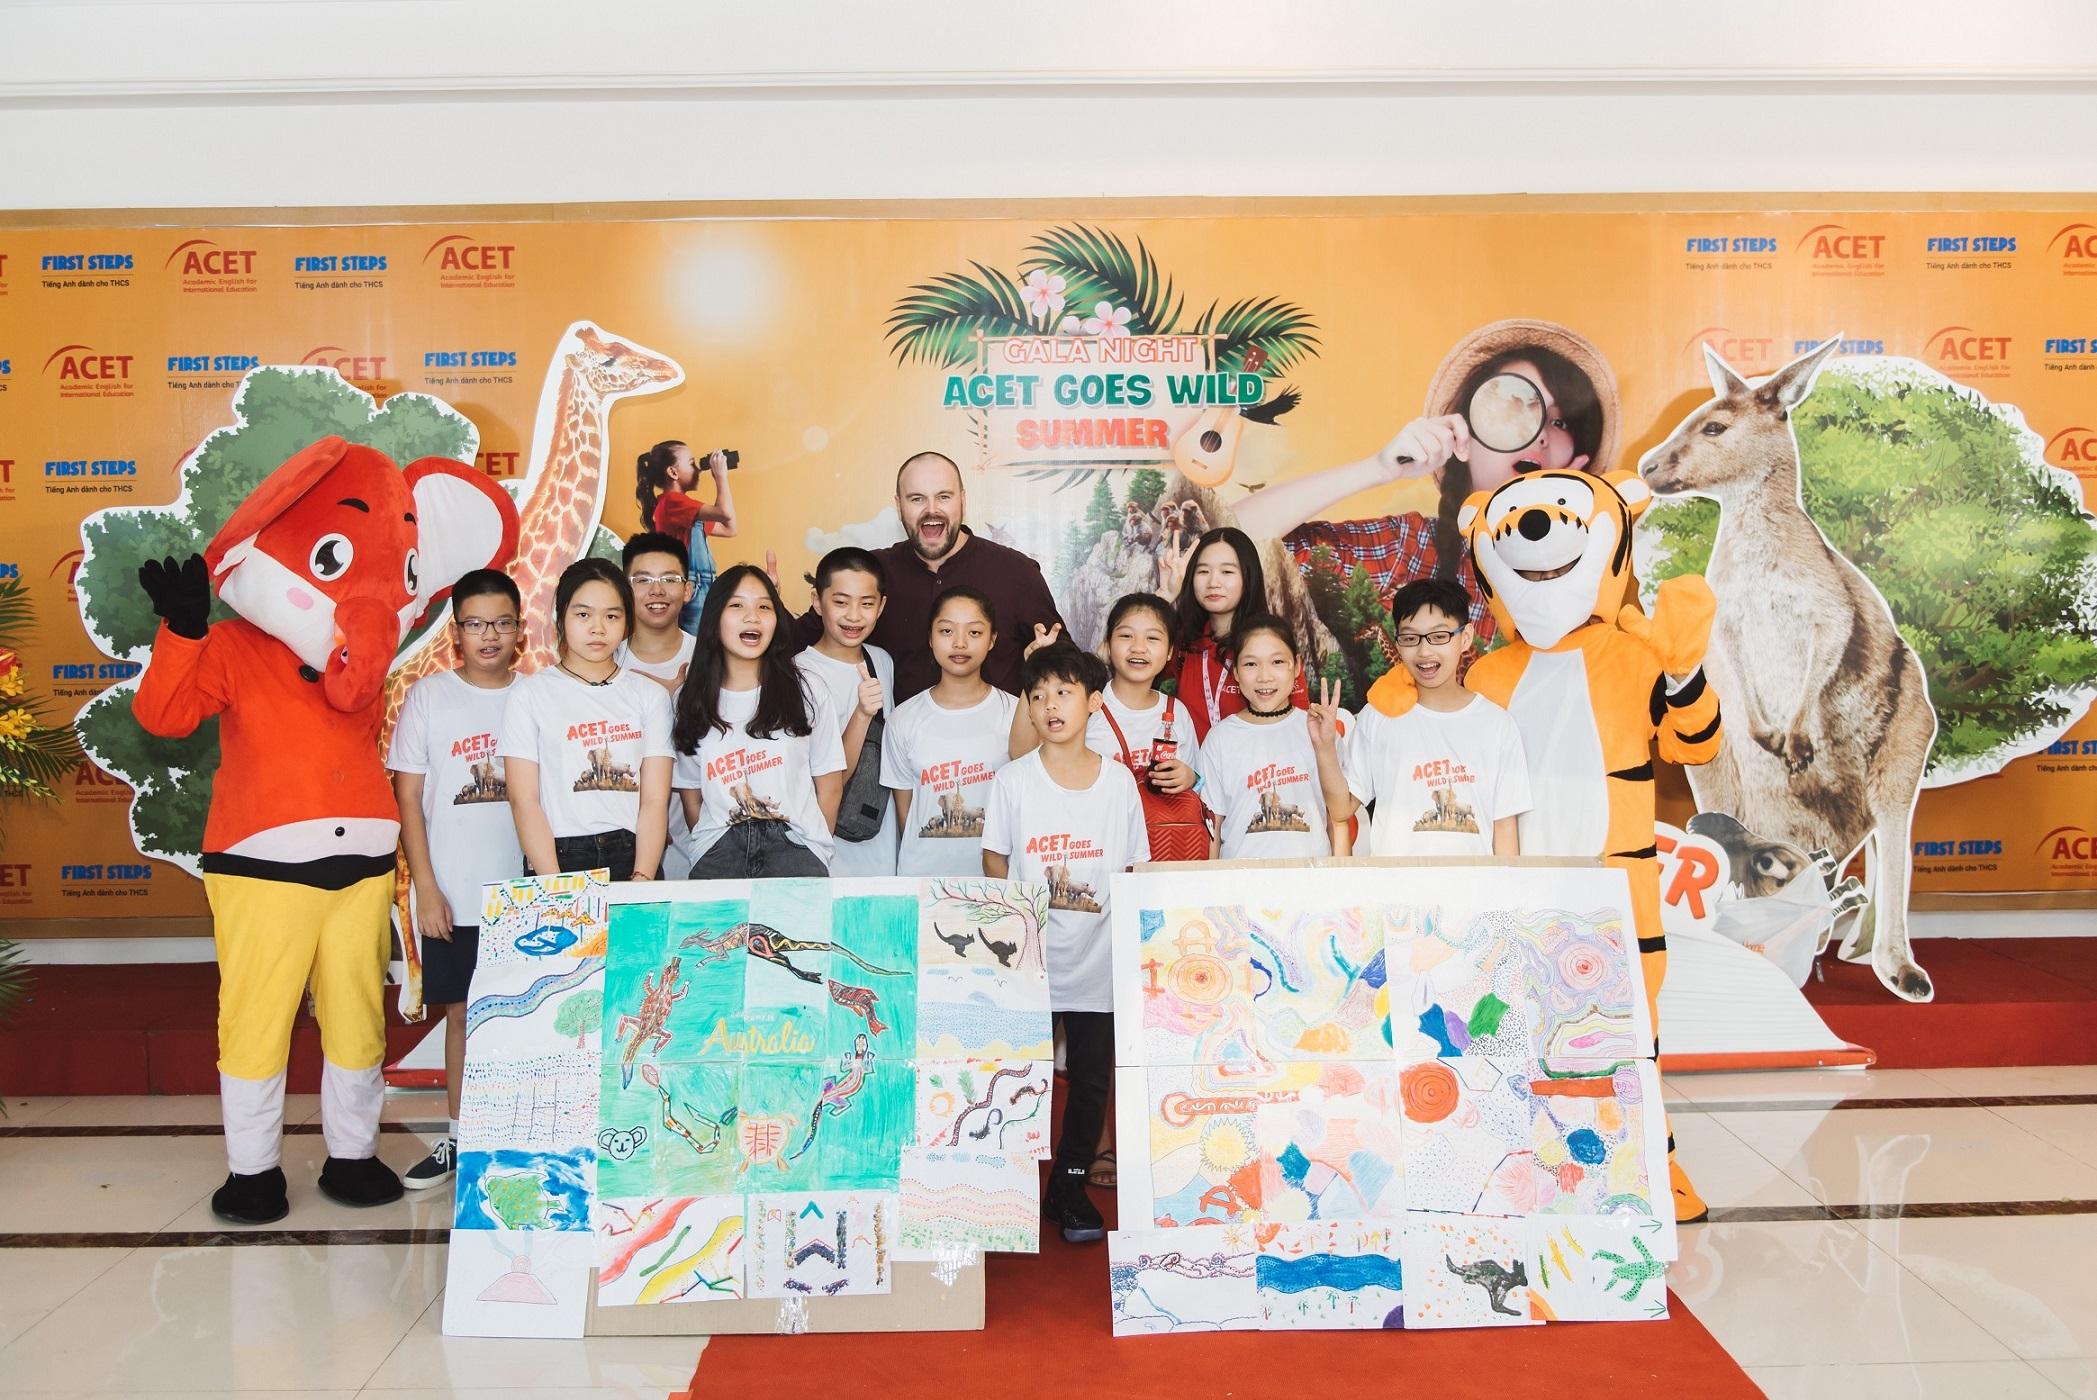 Việc làm đang tuyển dụng tại The Australian Centre For English Training (Acet) - The Branch of IDP Education Vietnam